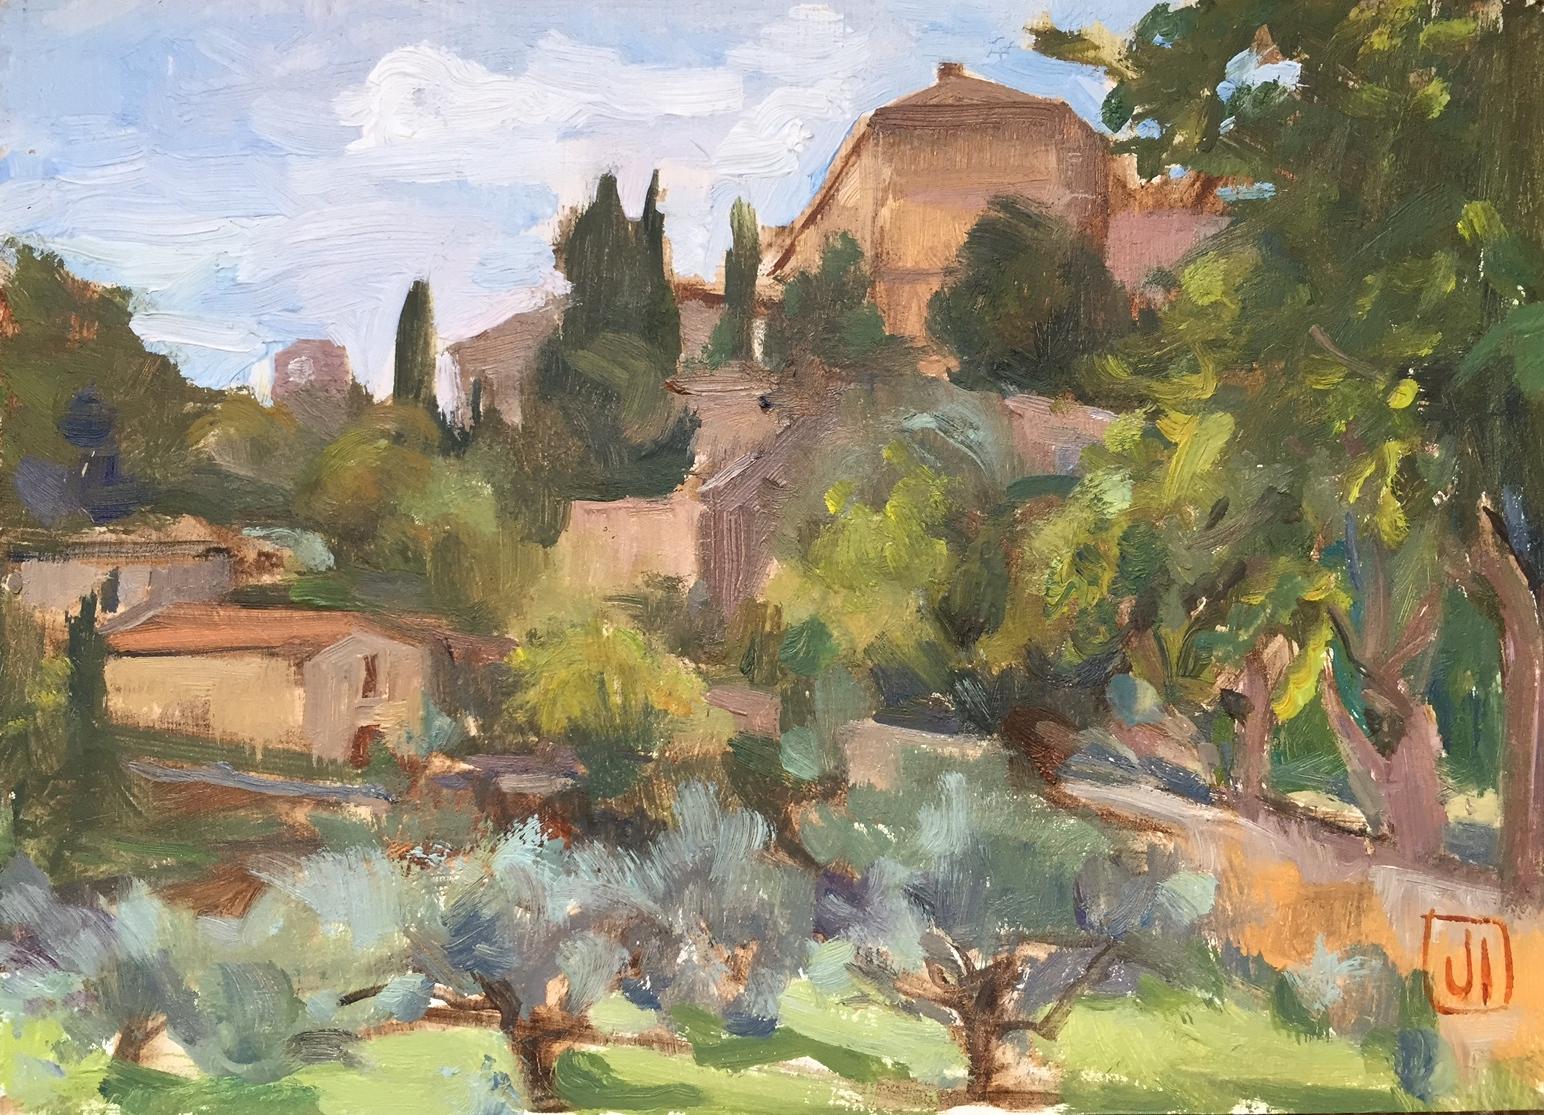 Ansouis, the village